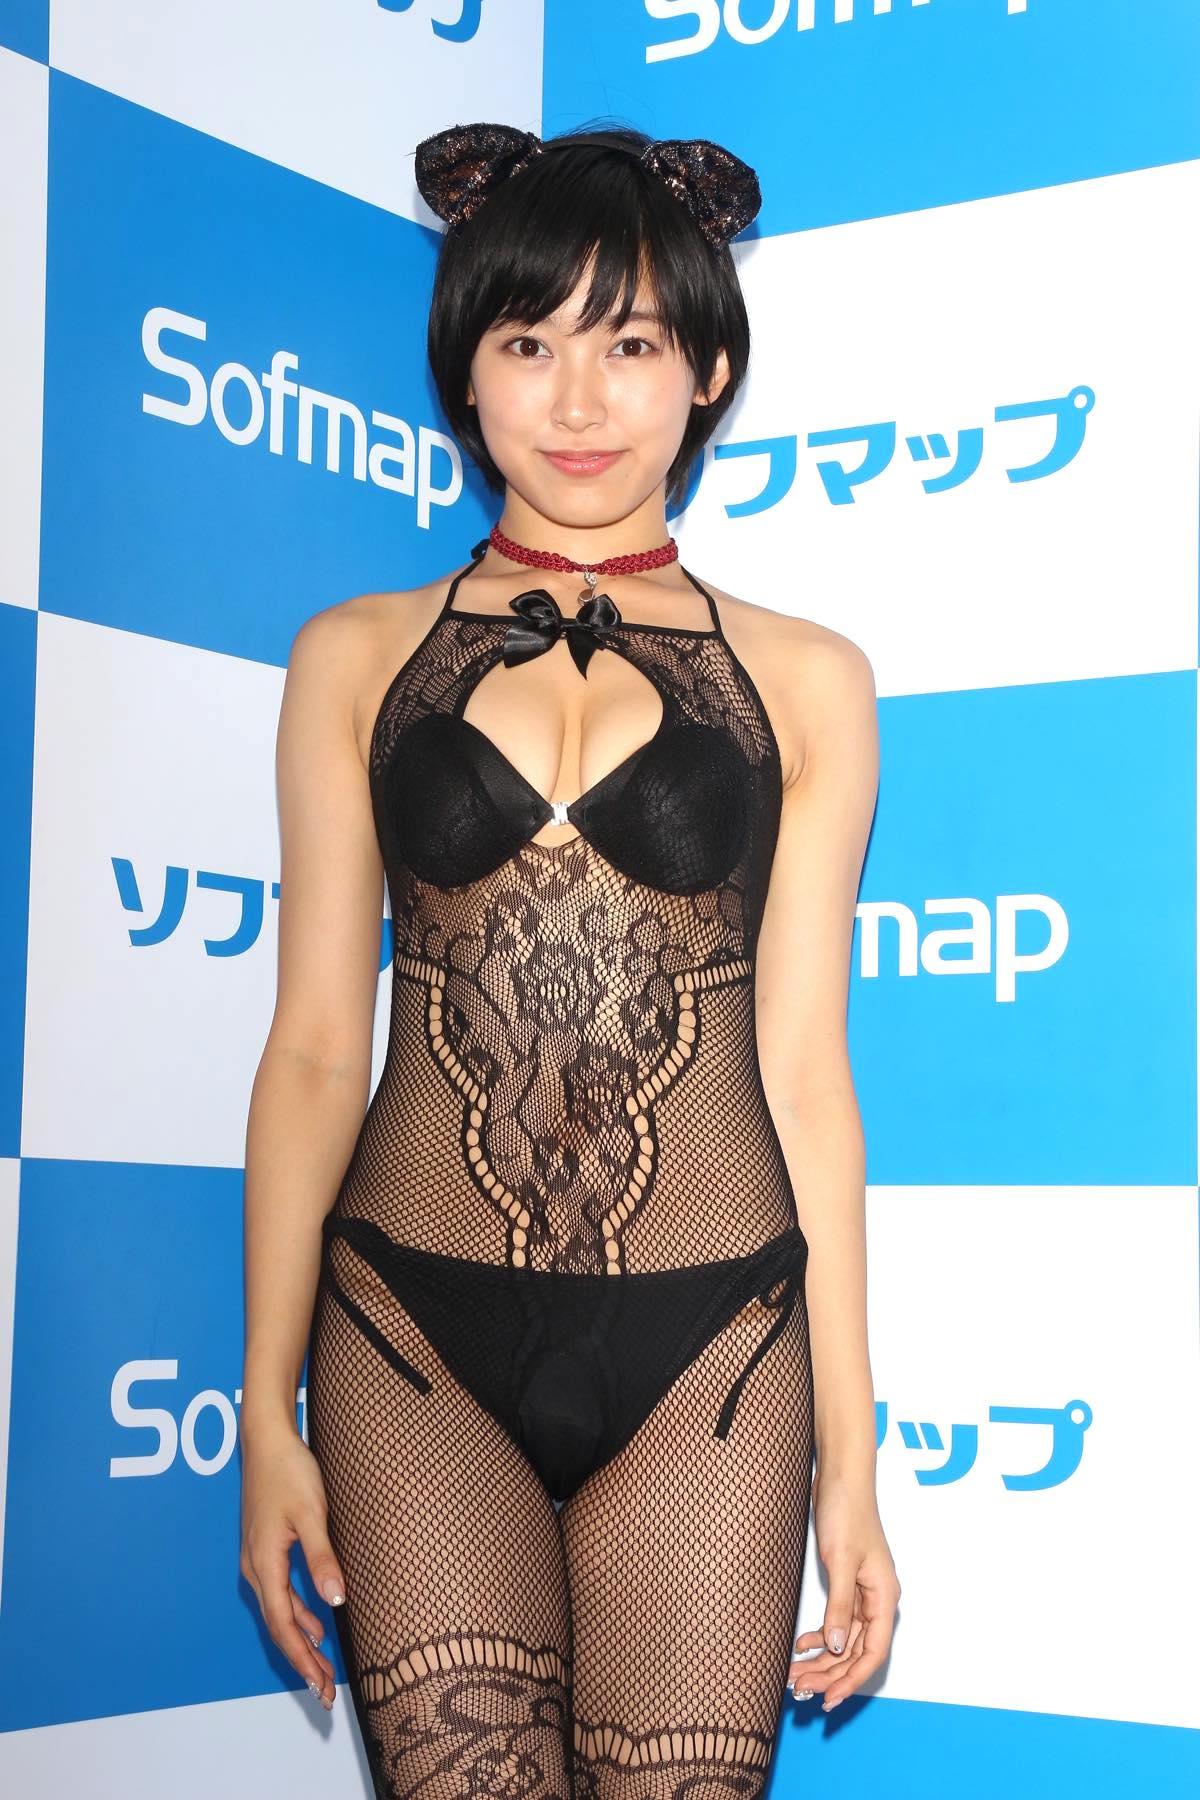 咲村良子「通行人から見えたかも?」屋外でY字ポーズ【写真29枚】の画像004